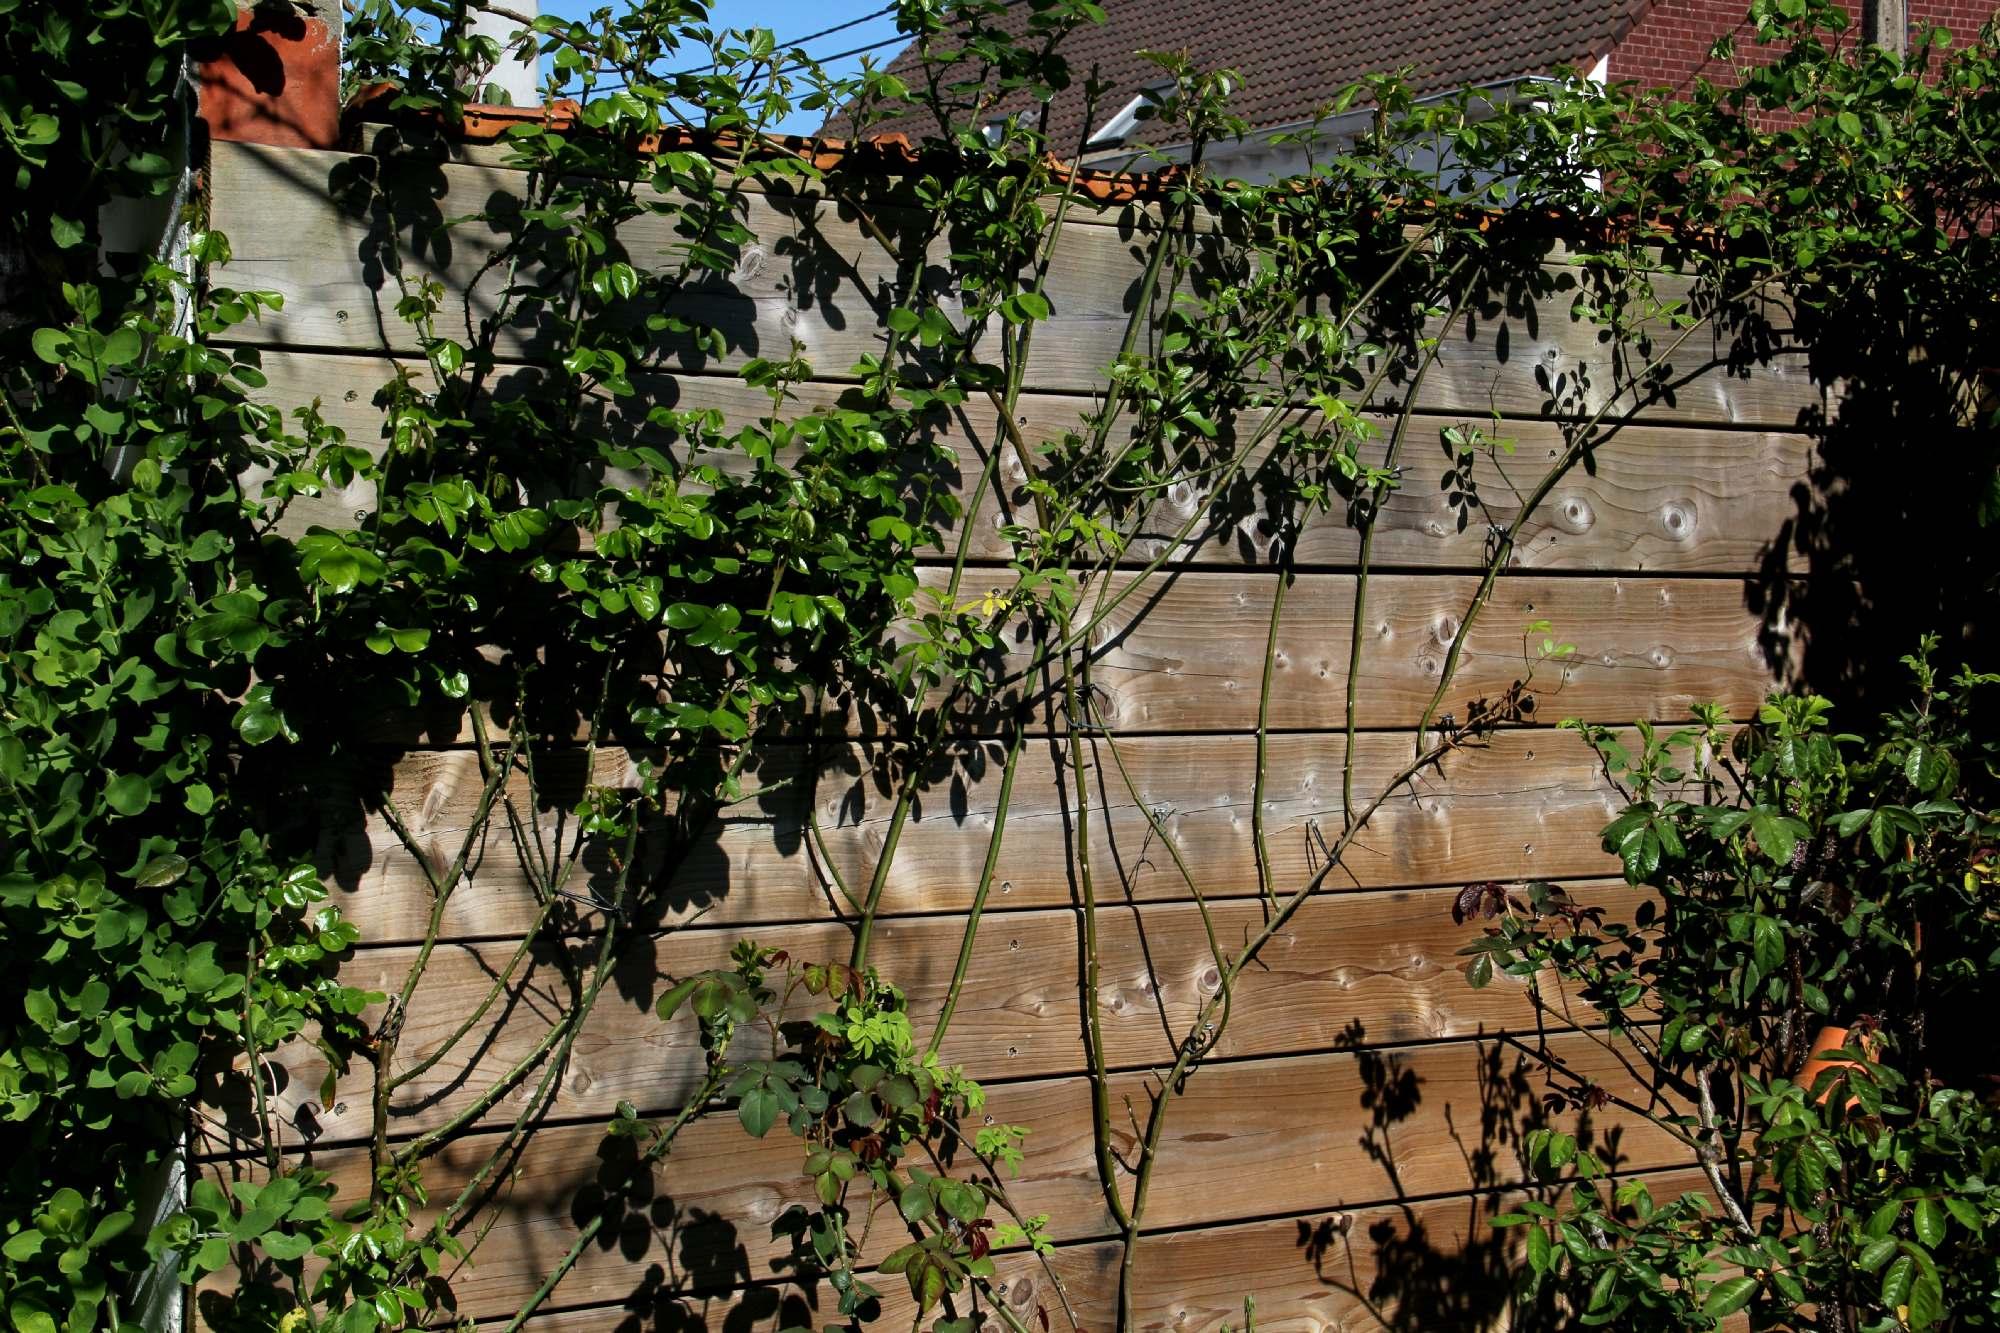 Fabriquer Treillis Bois Pour Plantes Grimpantes dites-moi - a little bit of paradise